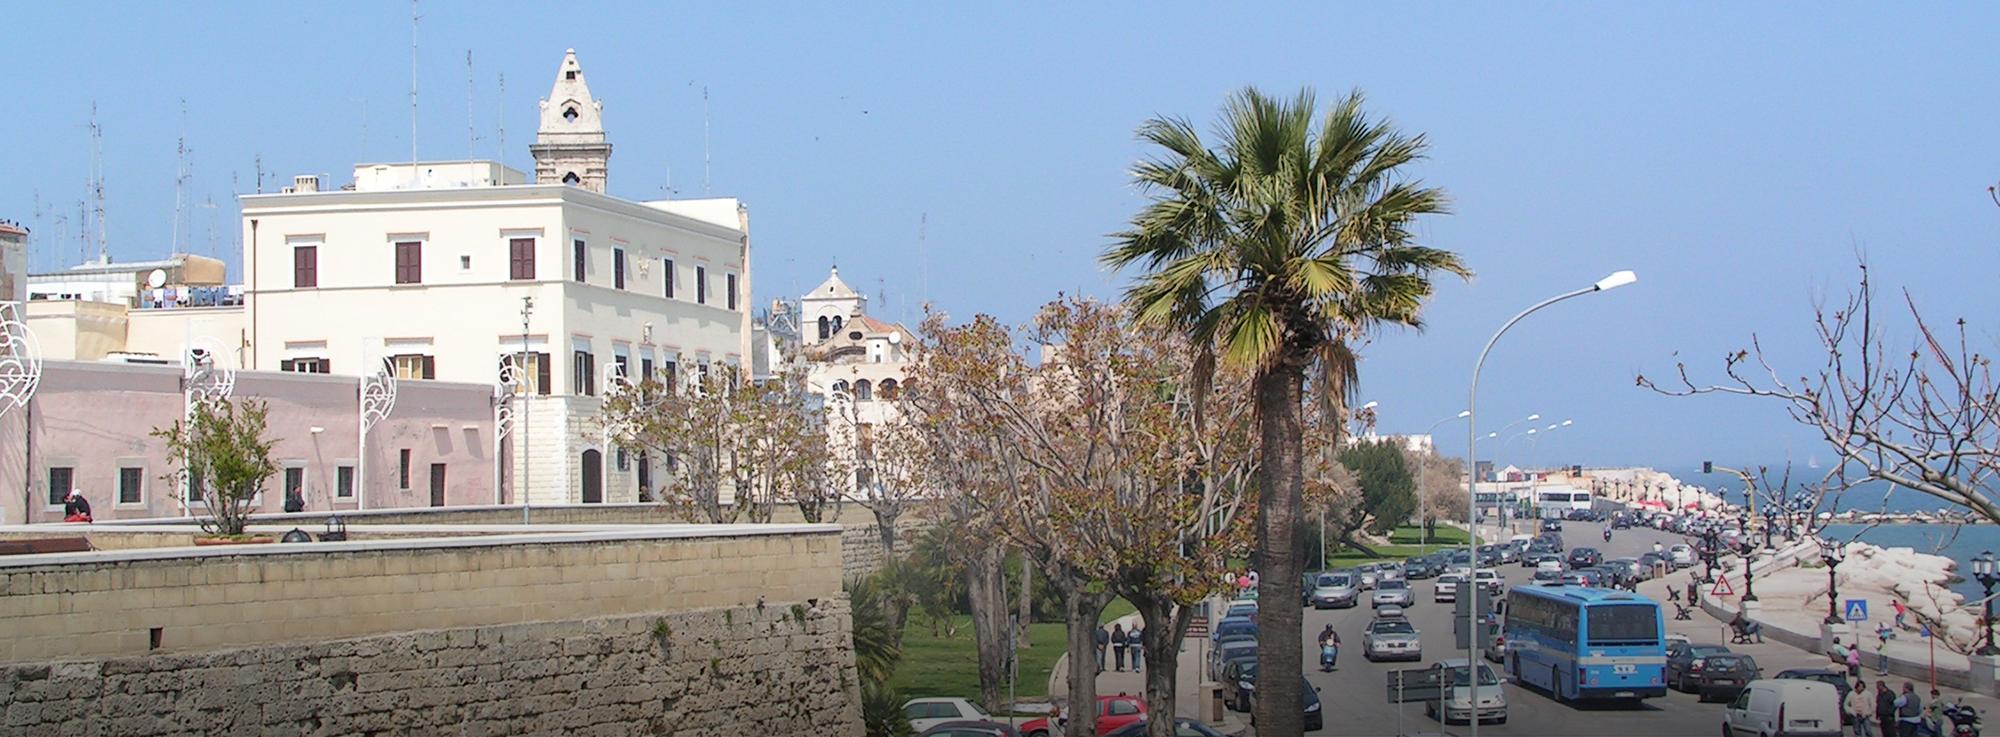 Bari: Festa del Mare